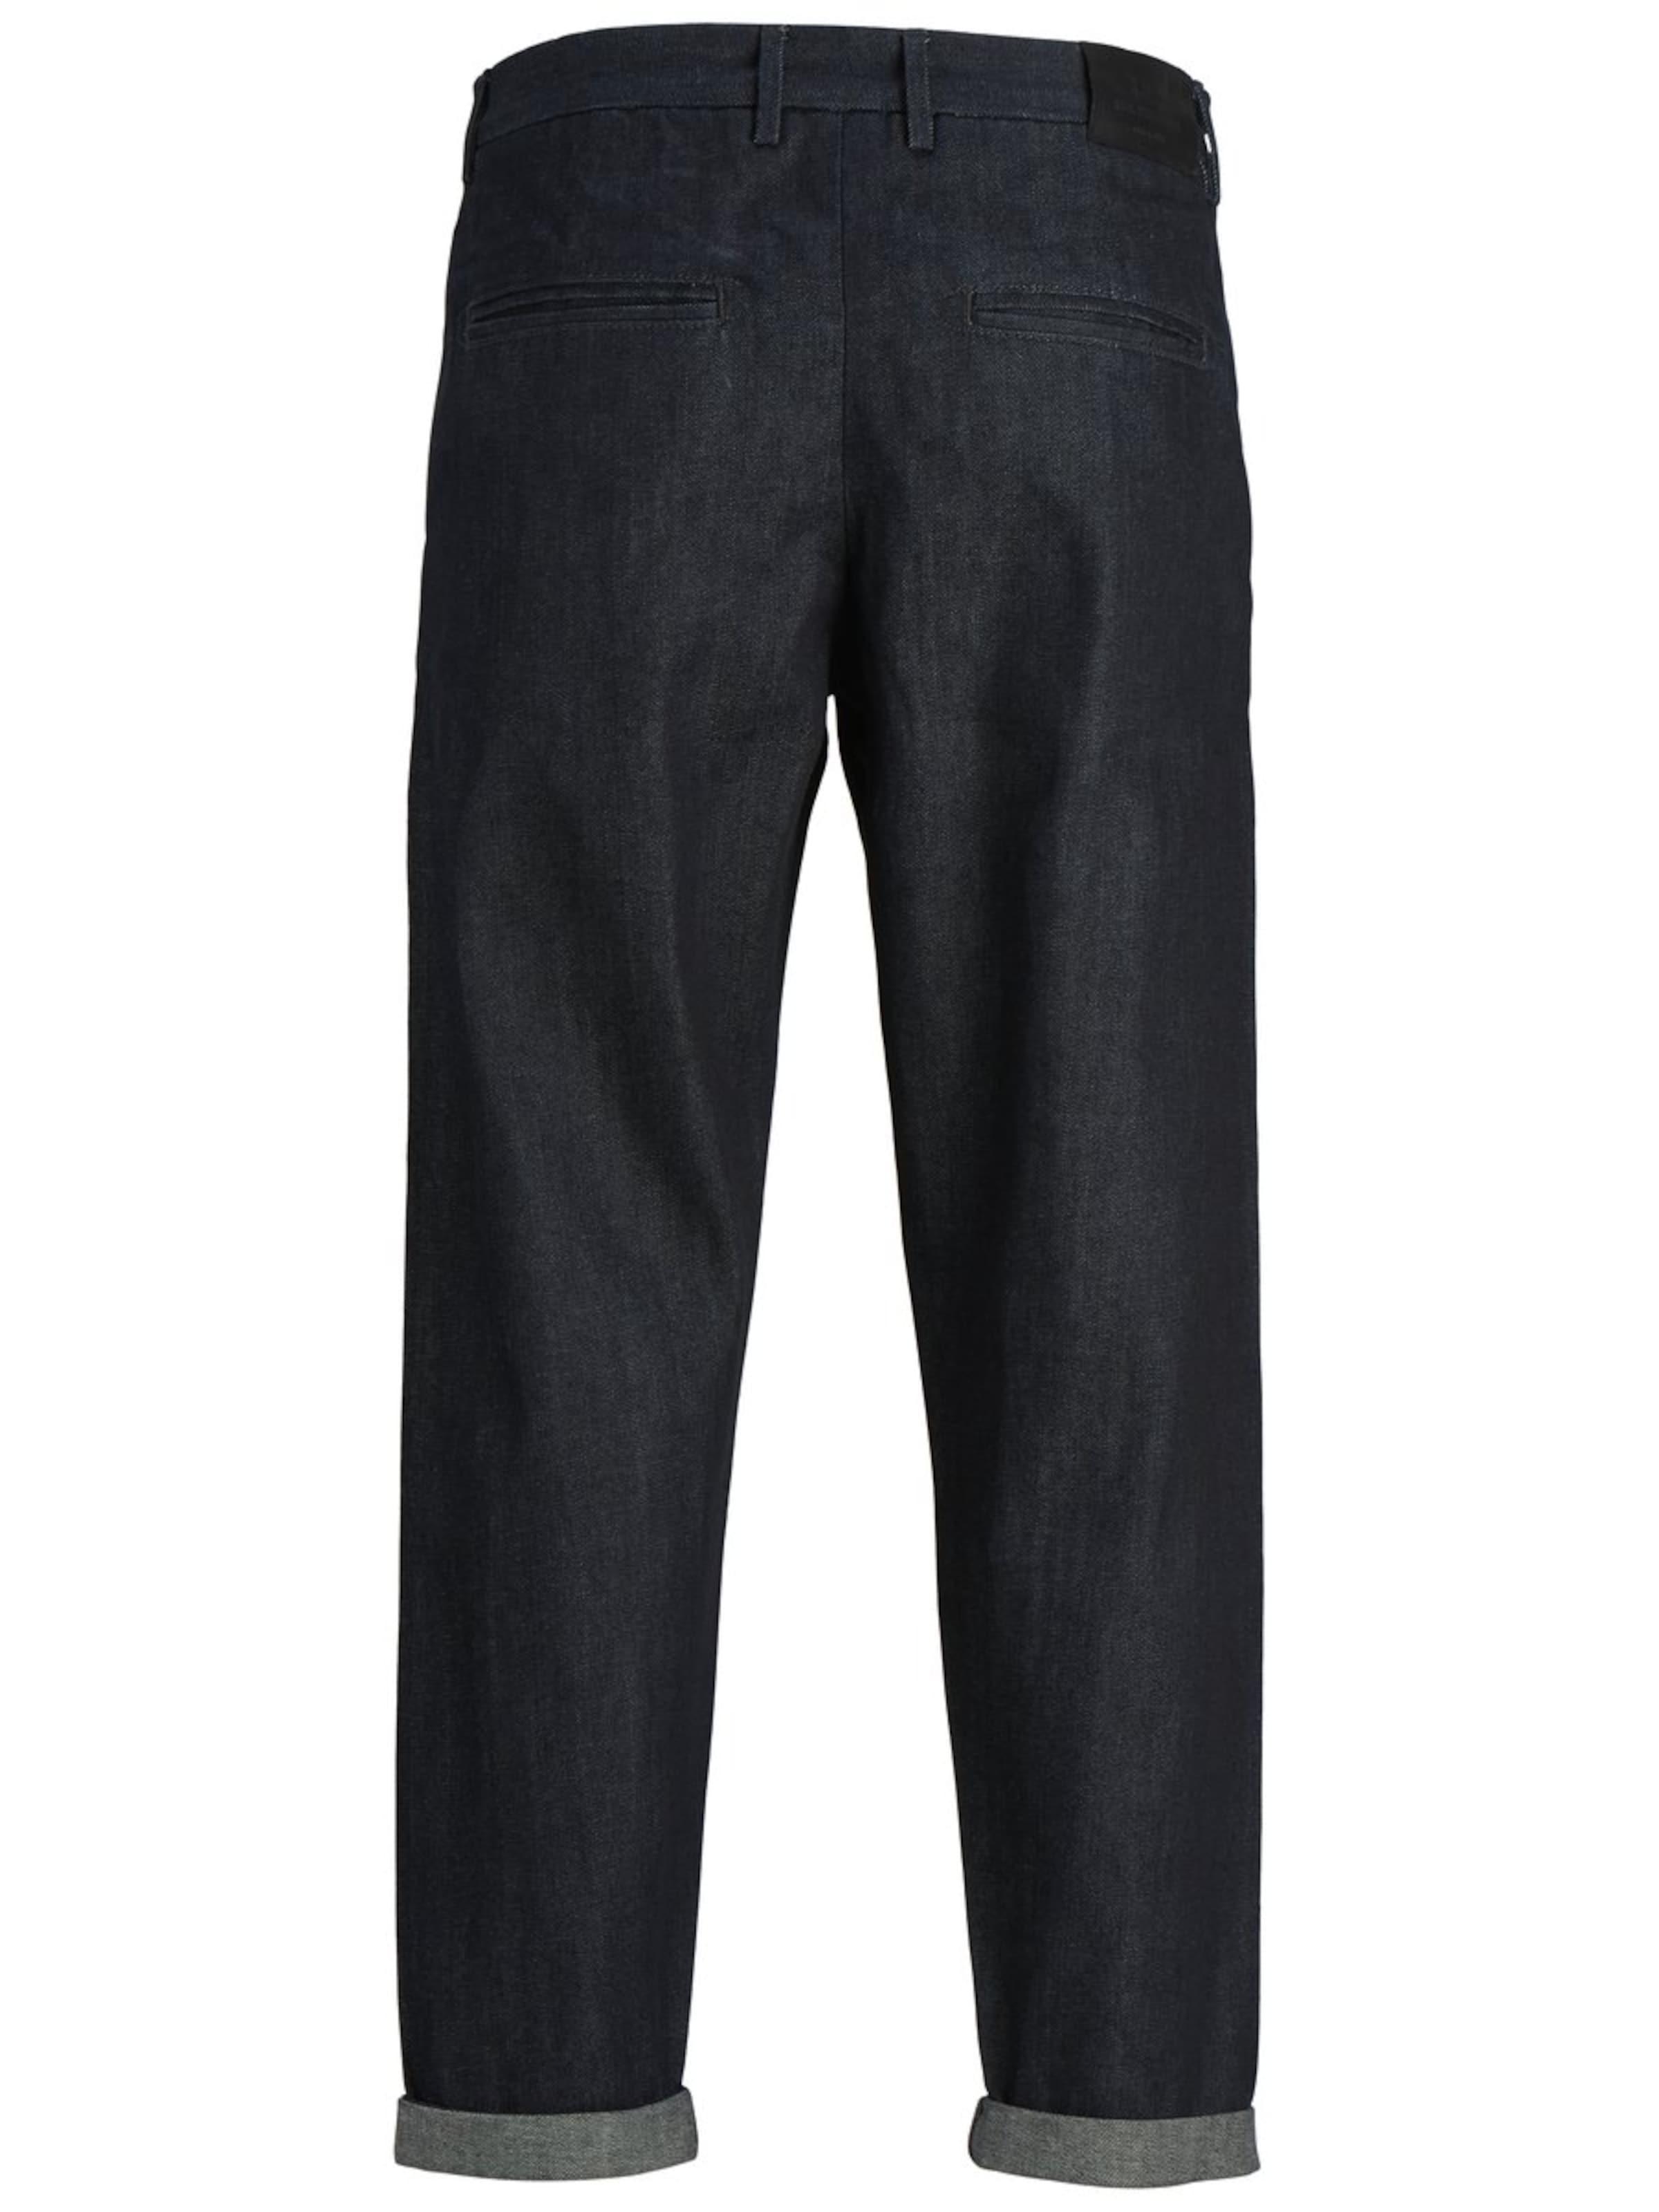 R602 Pince Jackamp; Denim Milton À Noir JonesJean In 'ace Rdd' SzGqVpUM